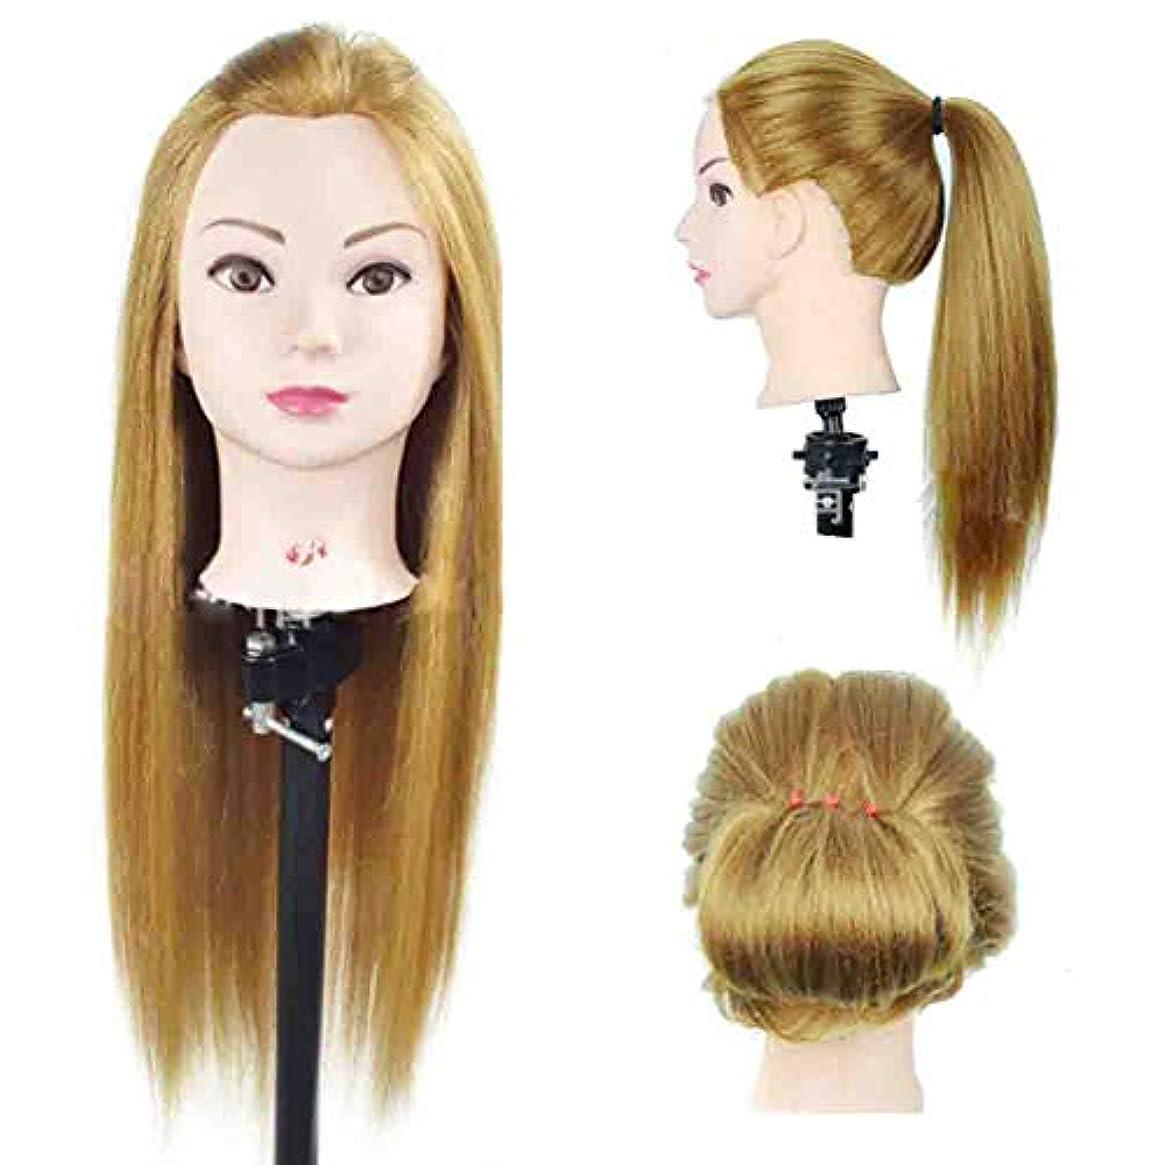 後ろに手術量サロンヘアブレイディングヘアスタイルヘアスタイルヘアスタイルヘアスタイルヘアスタイルヘアスタイル